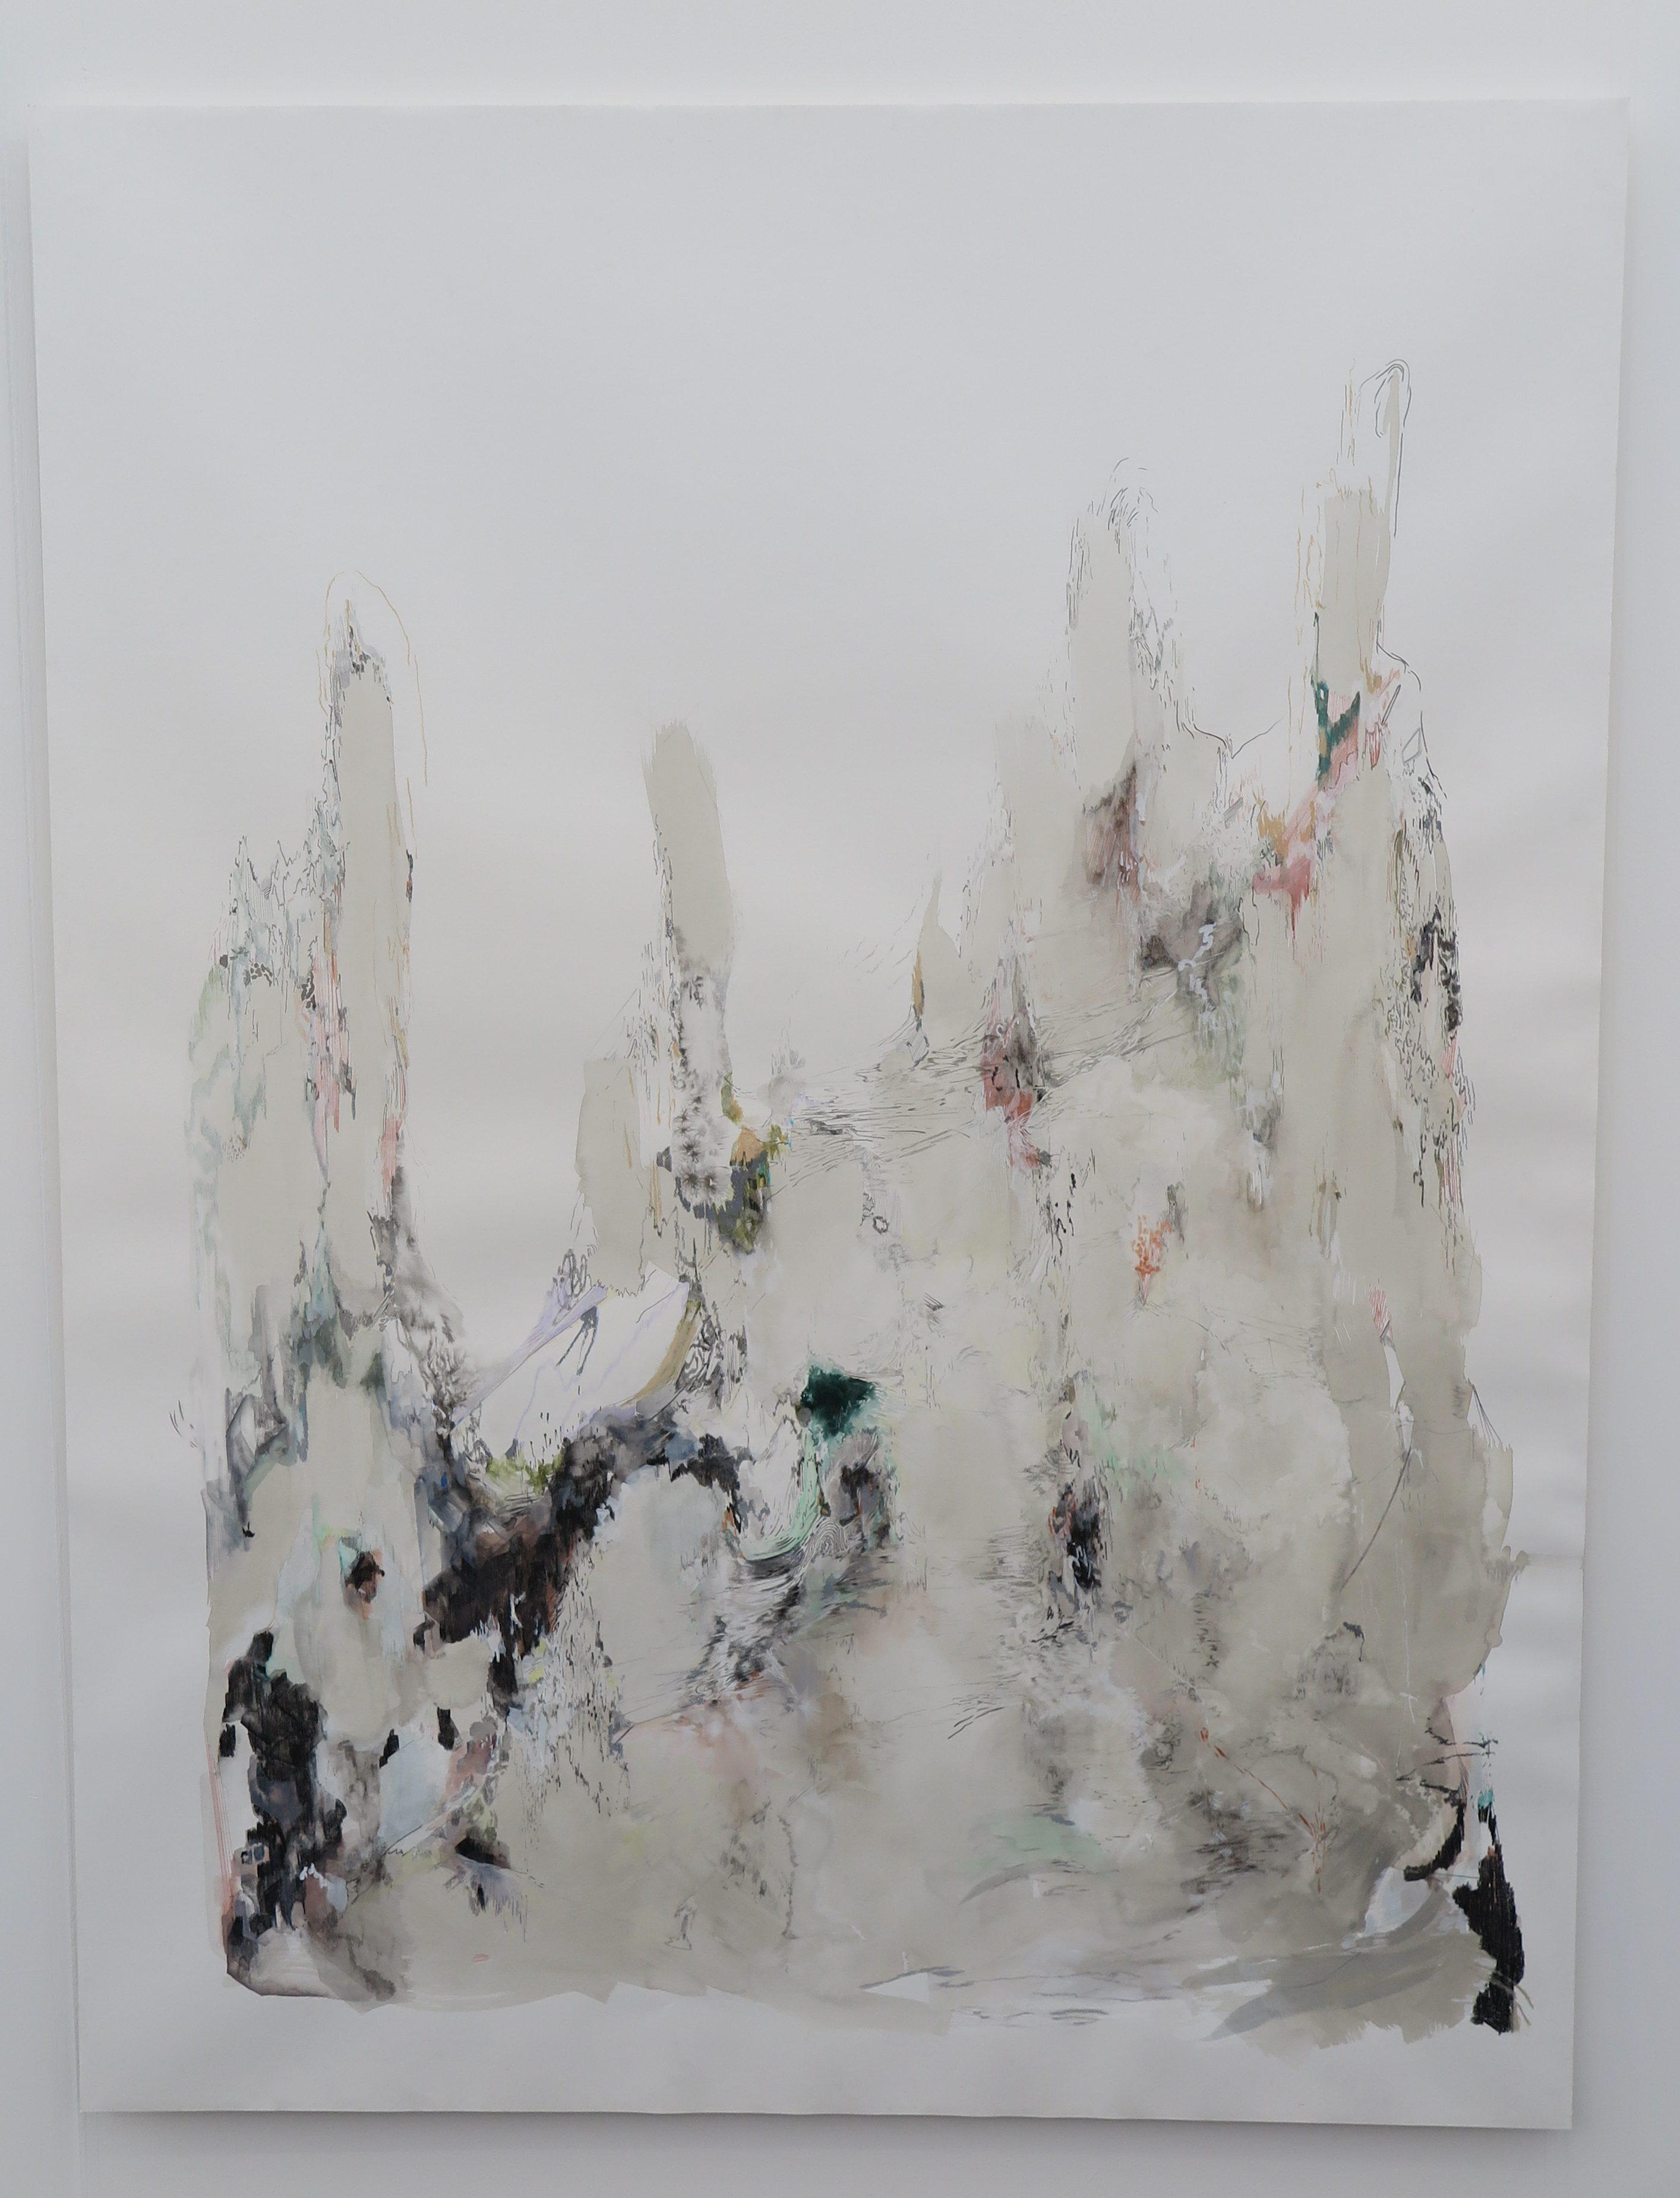 Tarja Szaraniec - Daprian Art Project Space